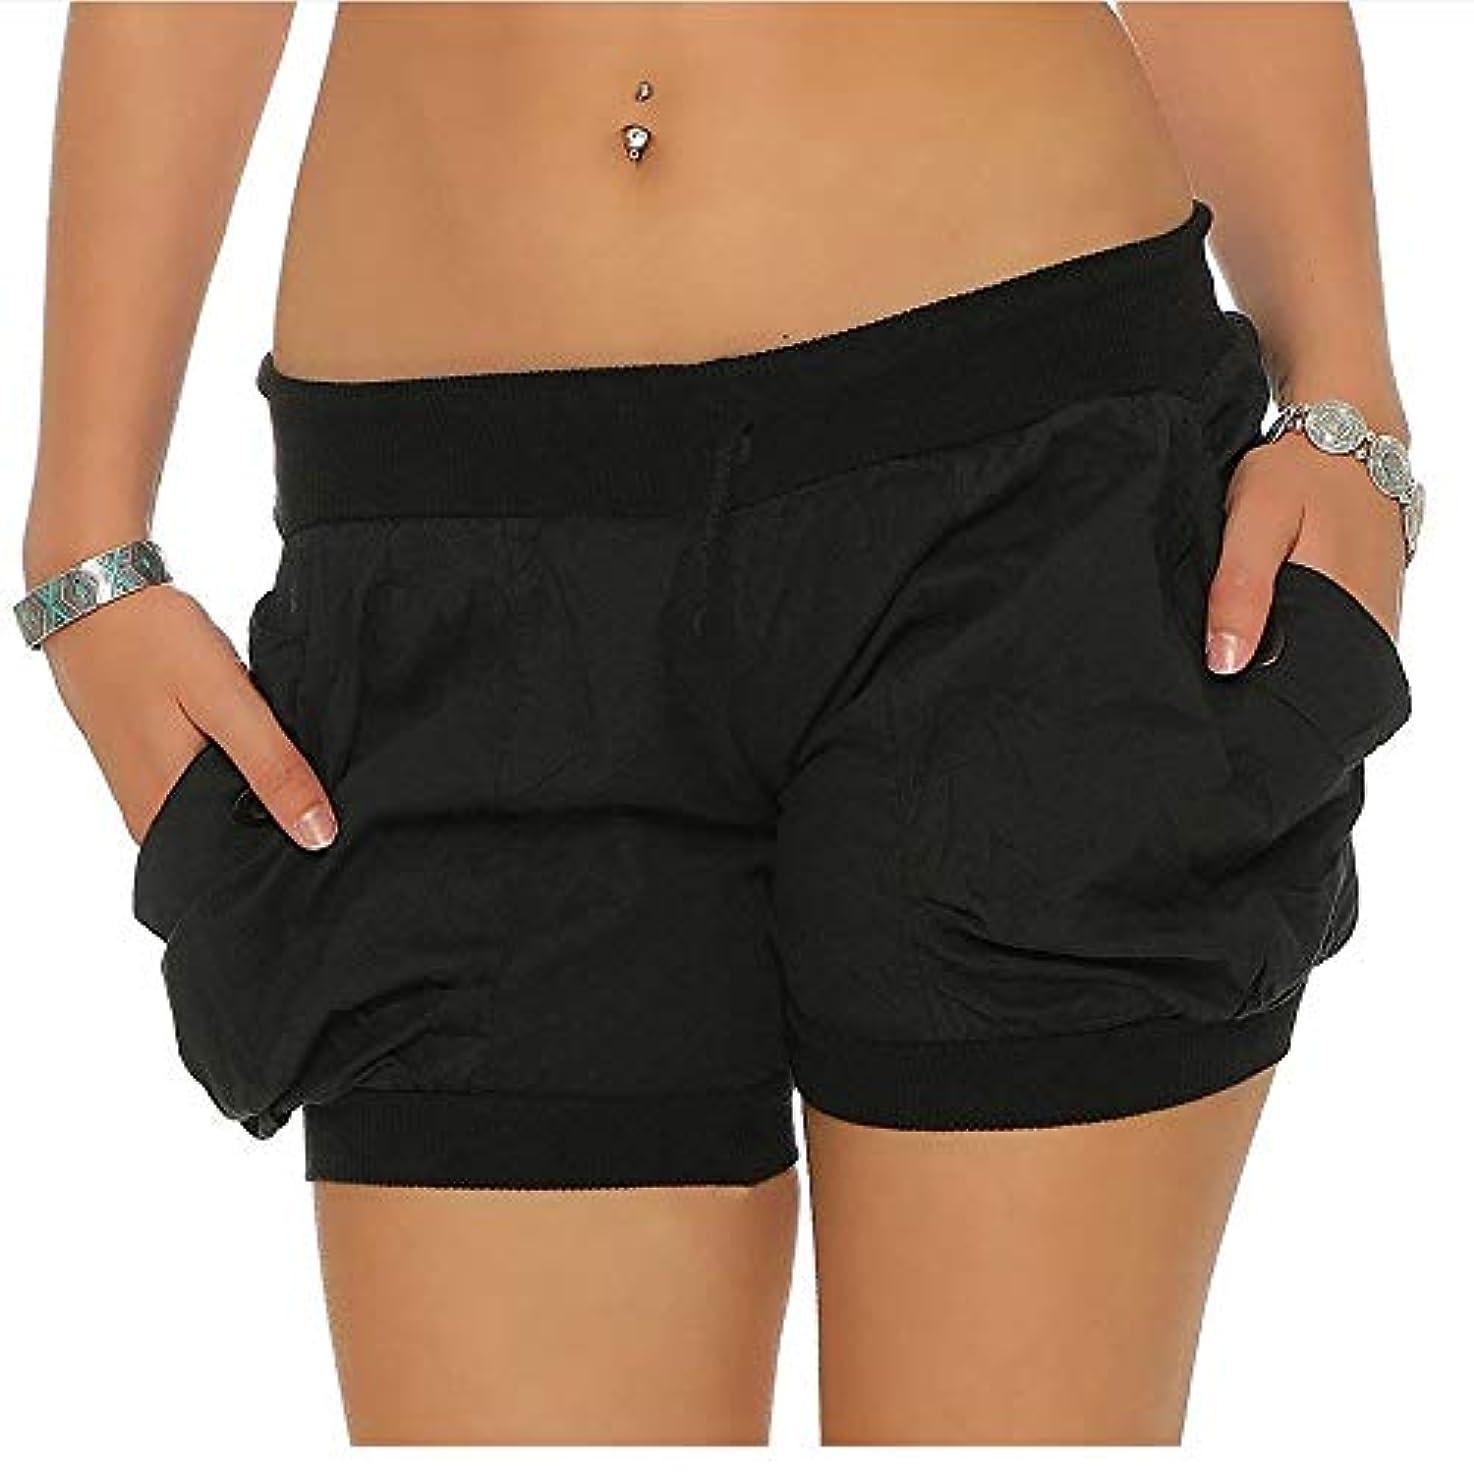 苦痛電池チャンバーMIFAN ショートパンツ、女性のショートパンツ、無地、ビーチショートパンツ、セクシーなパンツ、カジュアルパンツ、ファッションパンツ